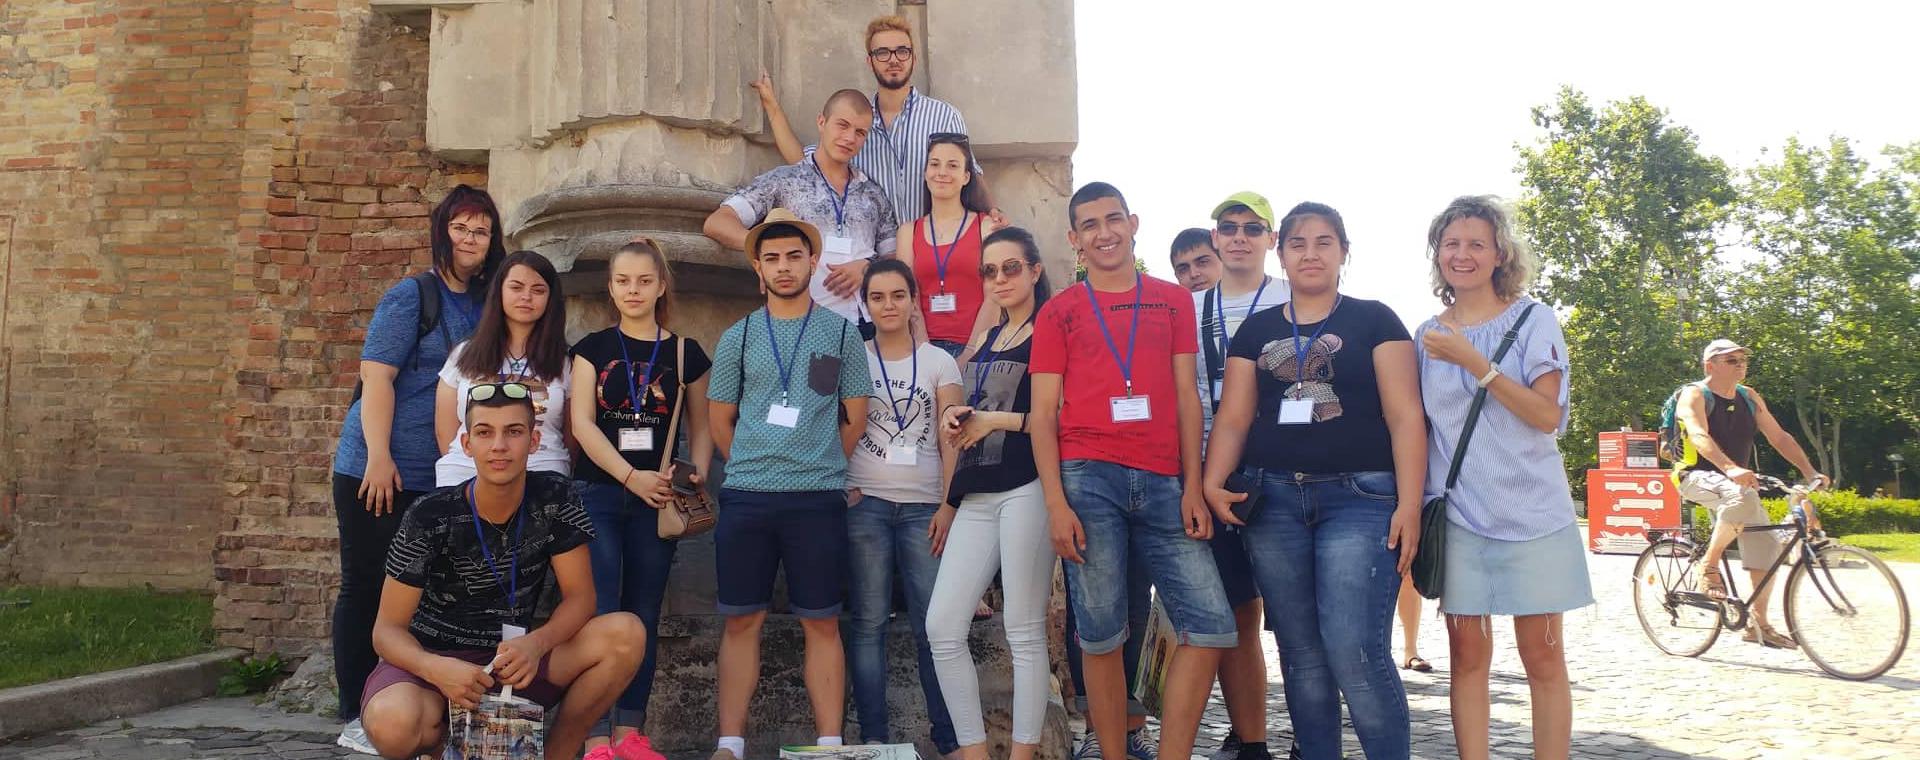 Ученици от Гимназията по туризъм на практика на Адриатическата Ривиера